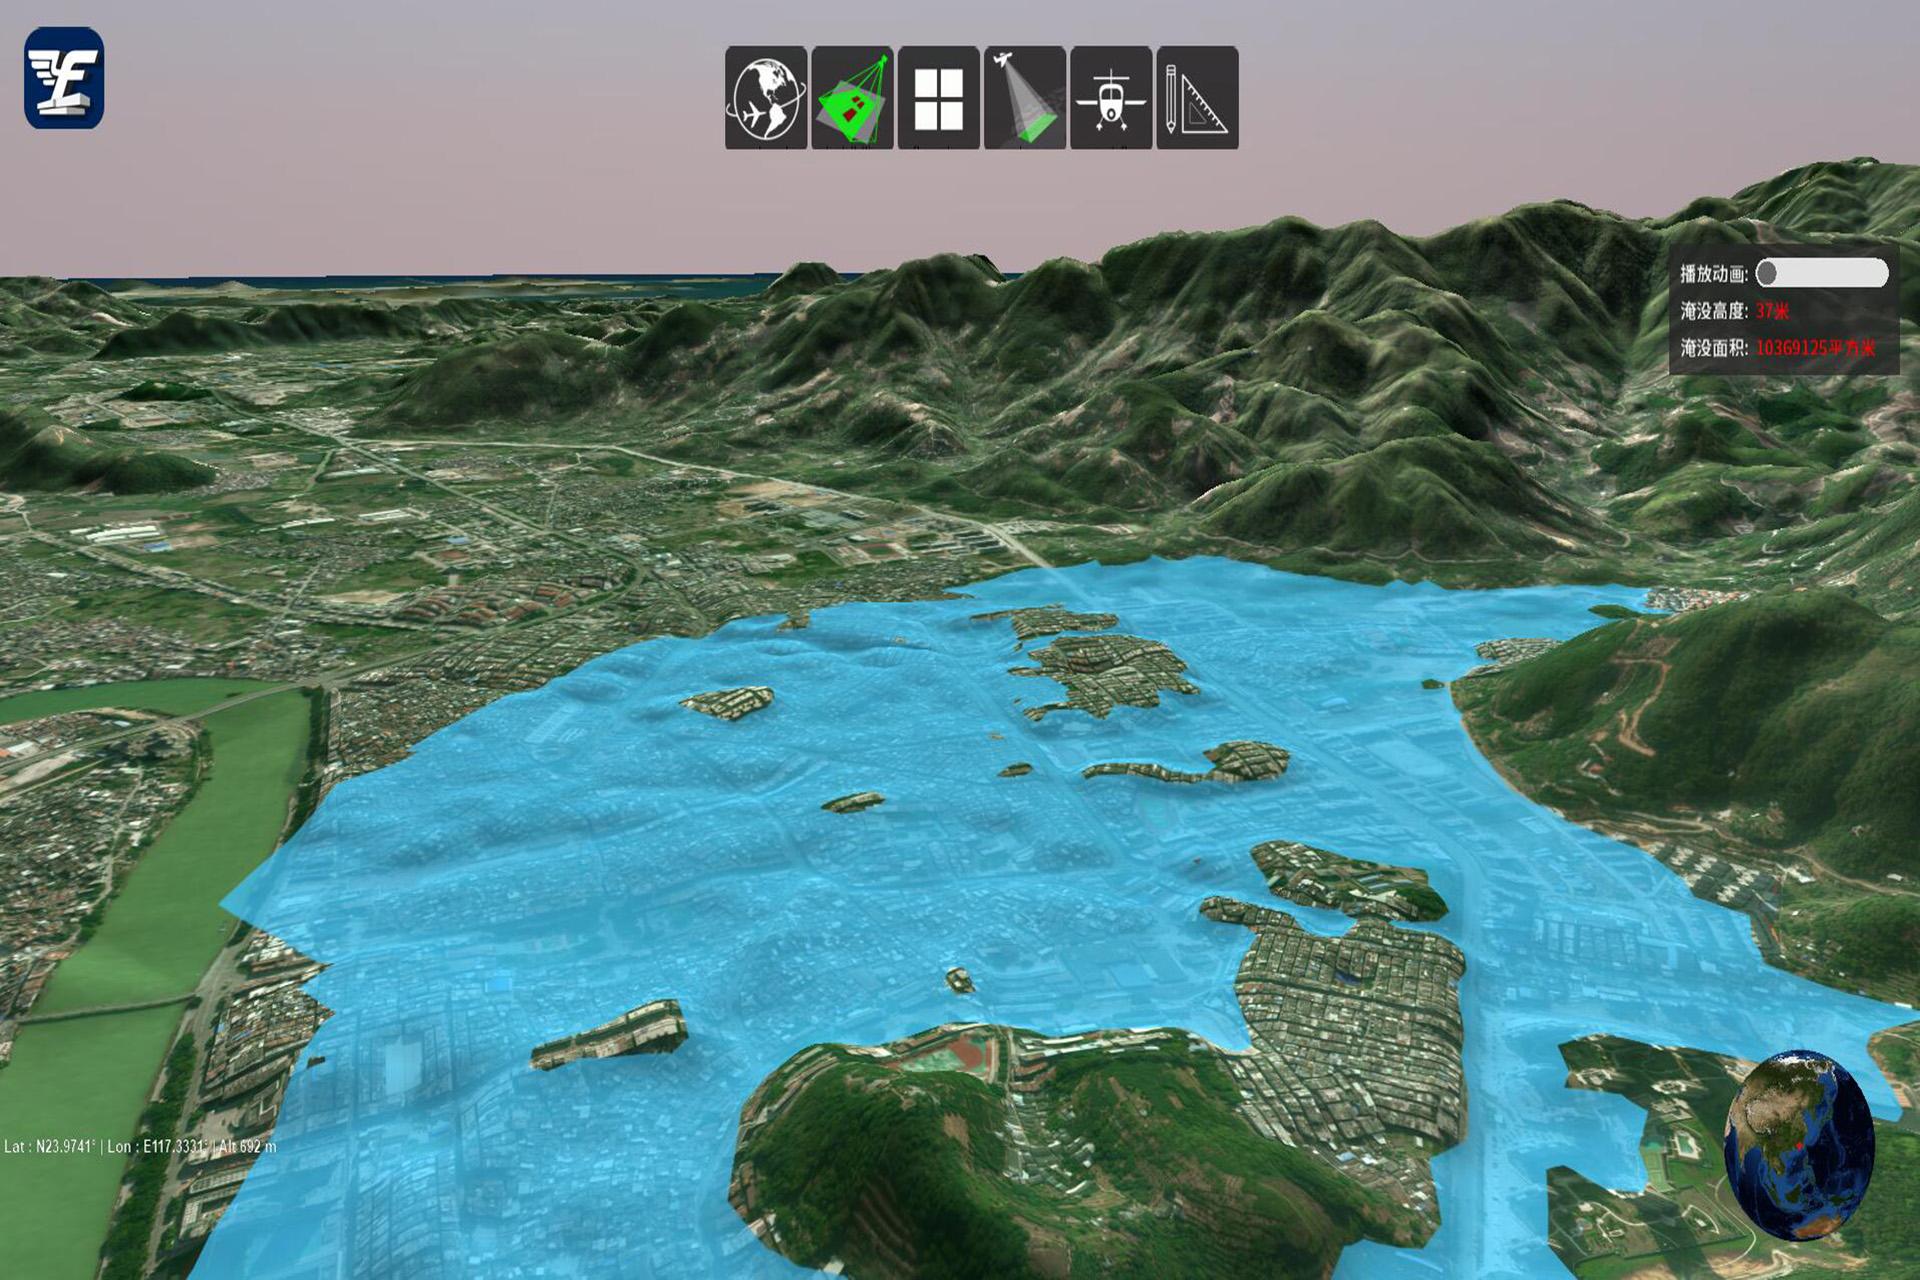 通过航空遥感来监测水质污染物质